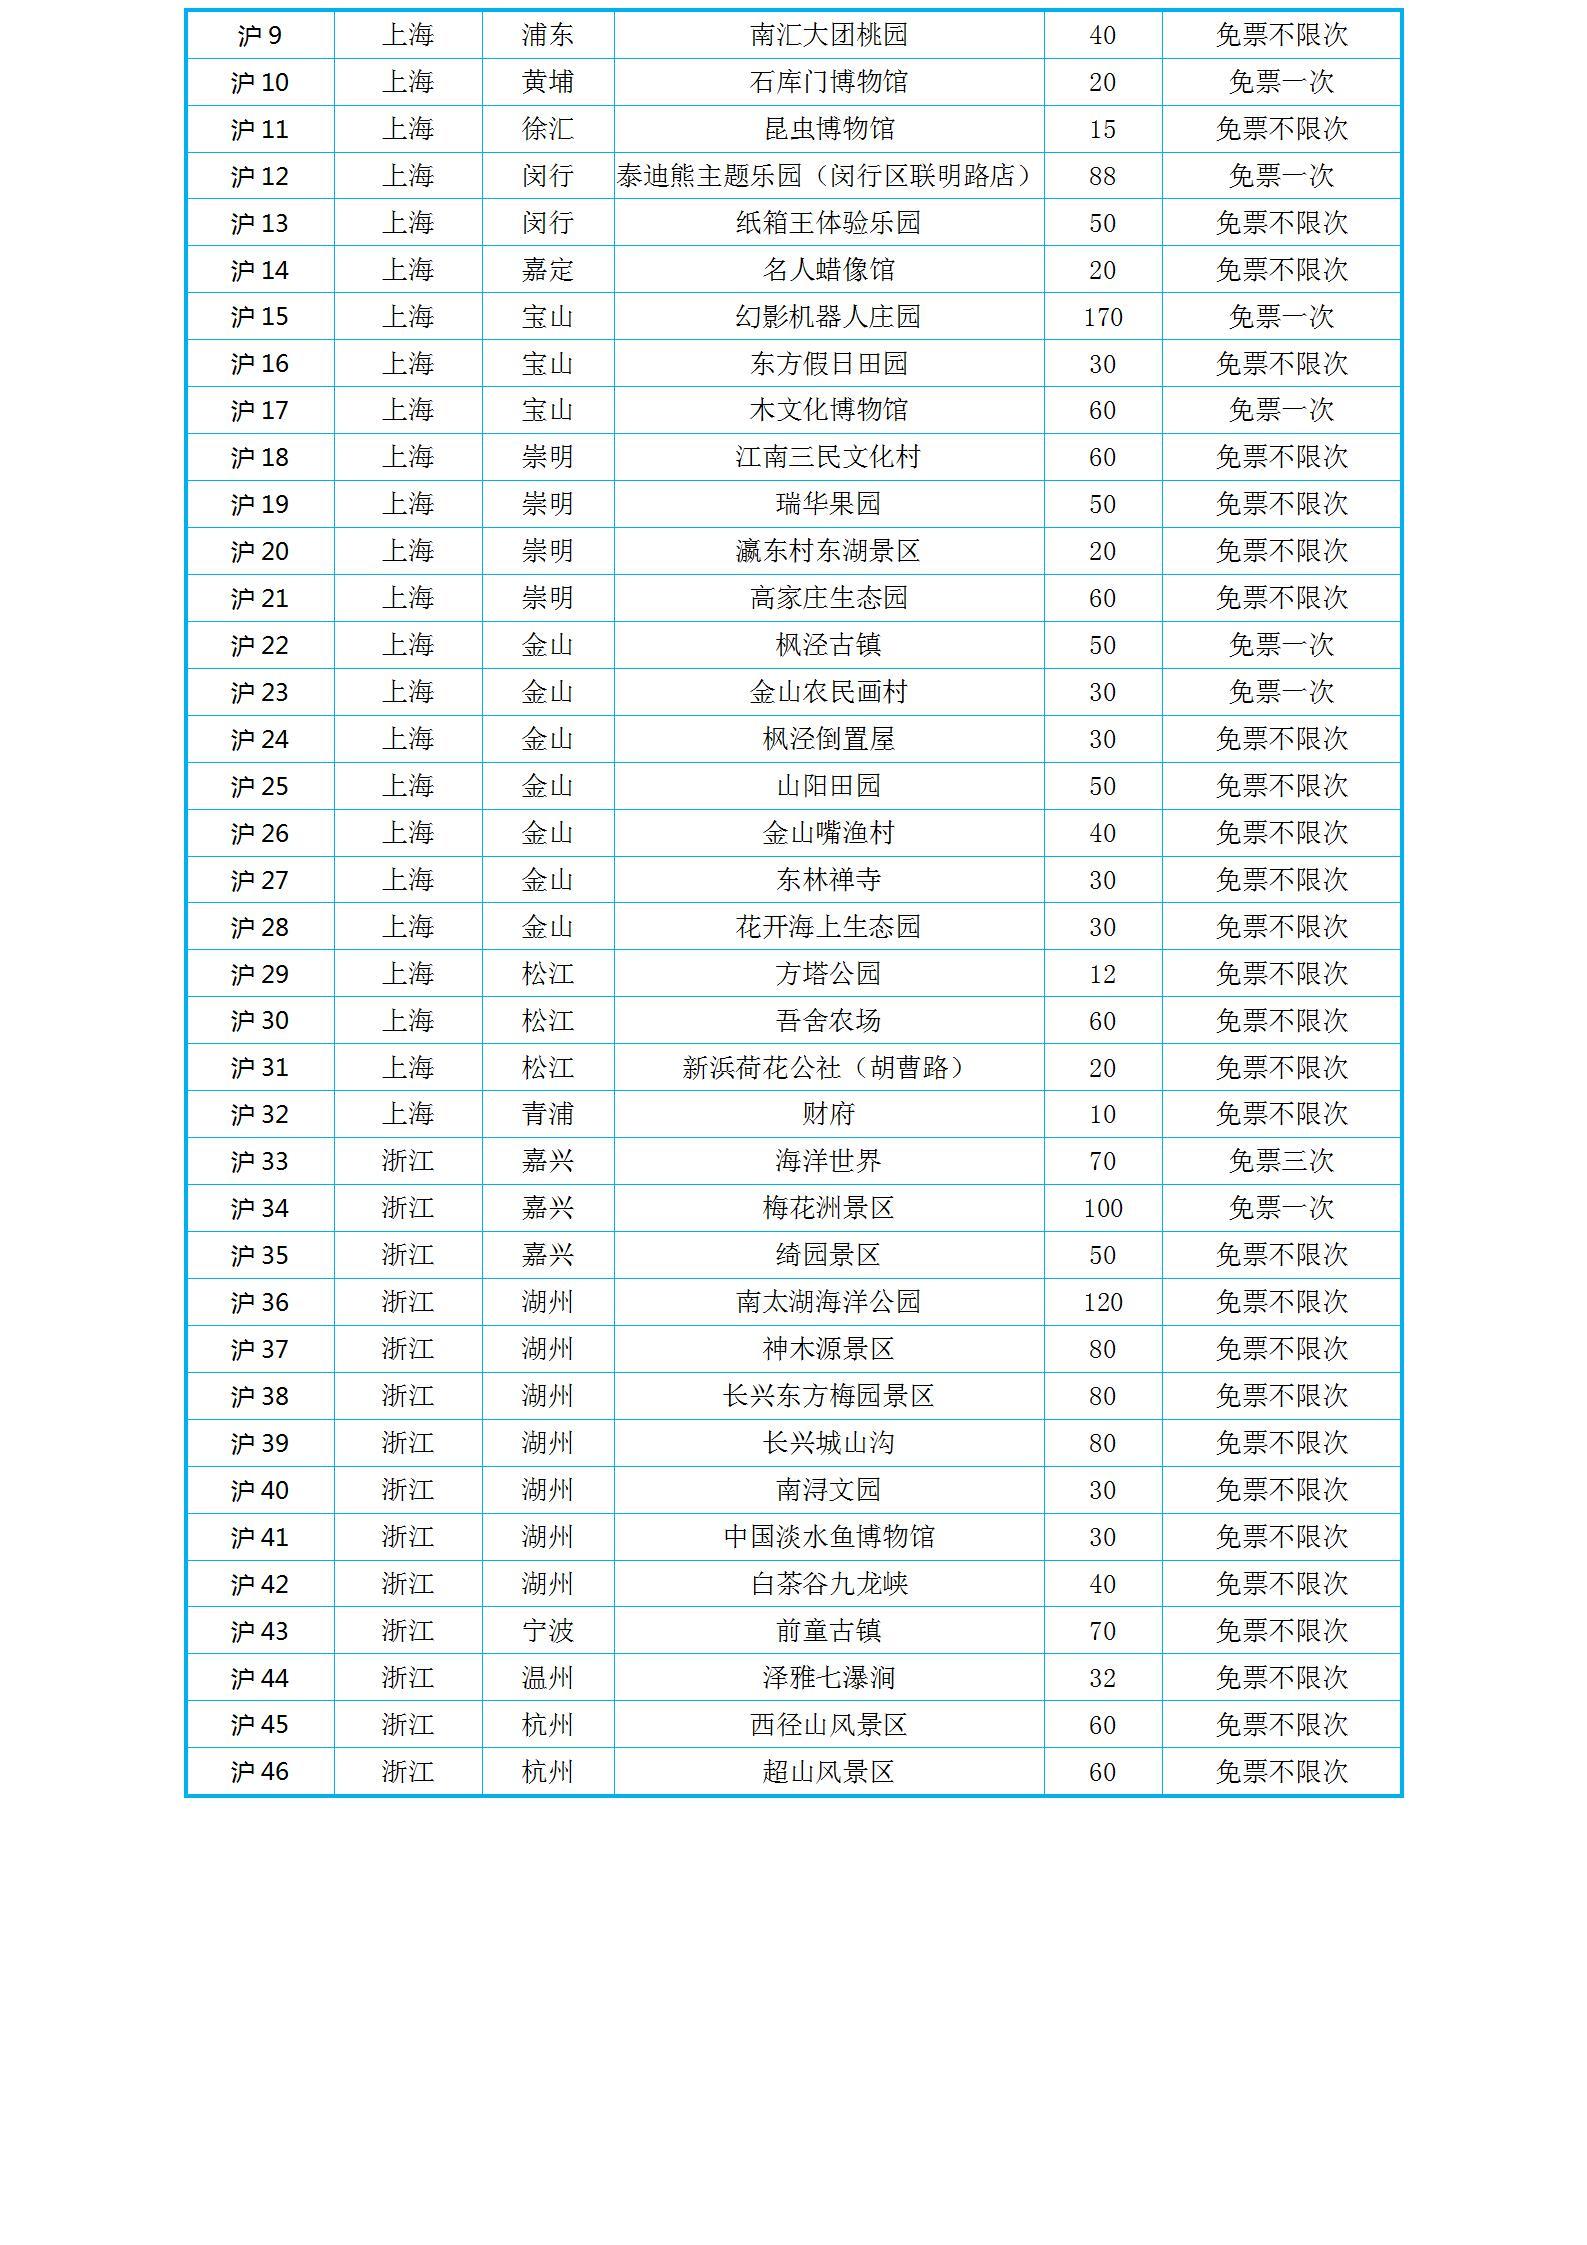 2019年锦绣江山全国旅游年票北京版场馆名单_28.jpg